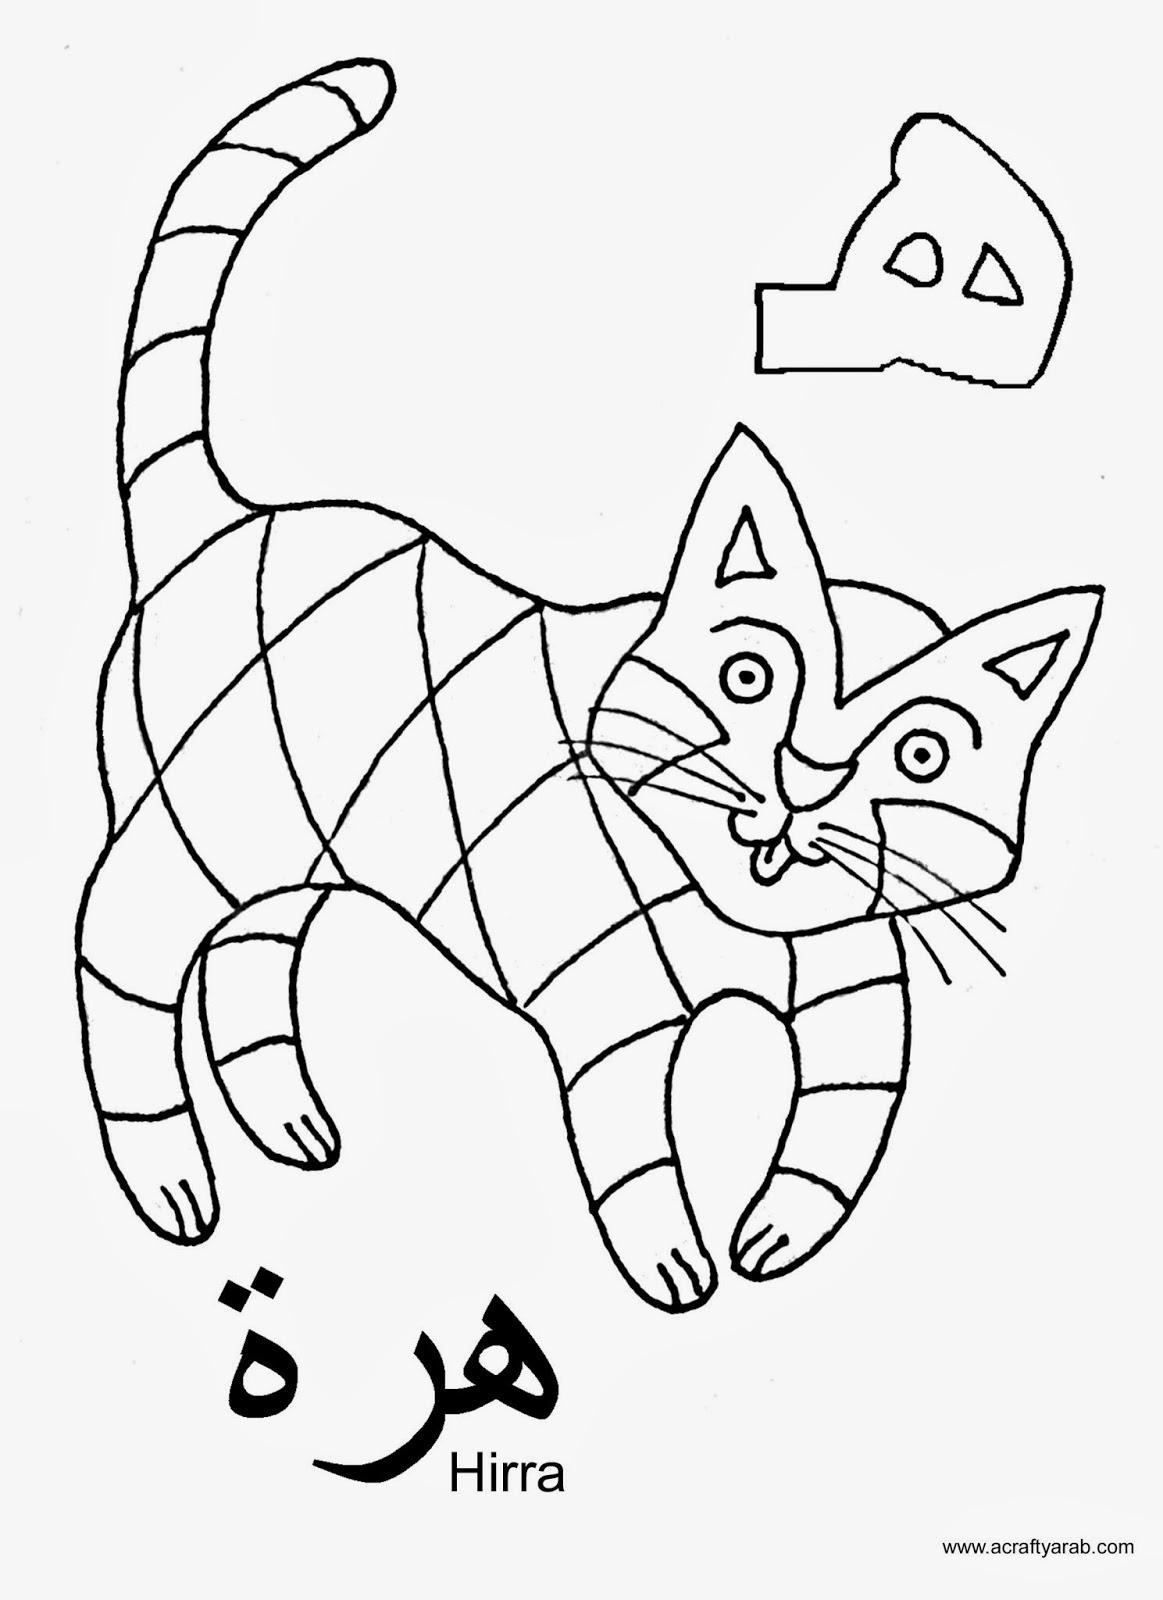 Arabis coloring #10, Download drawings